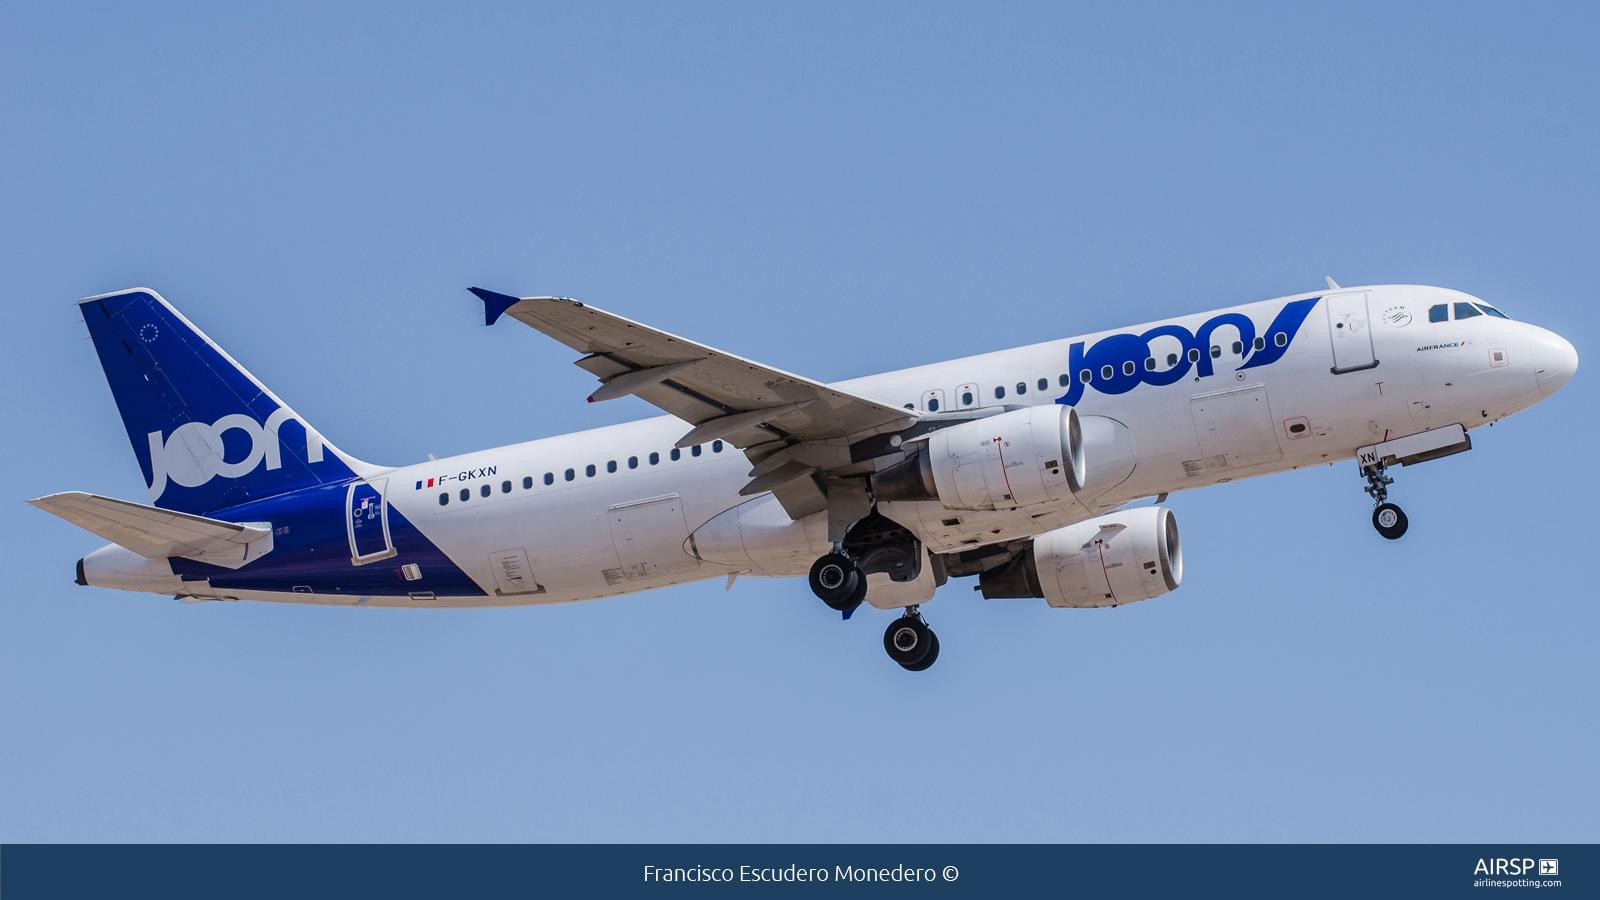 Joon  Airbus A320  F-GKXN